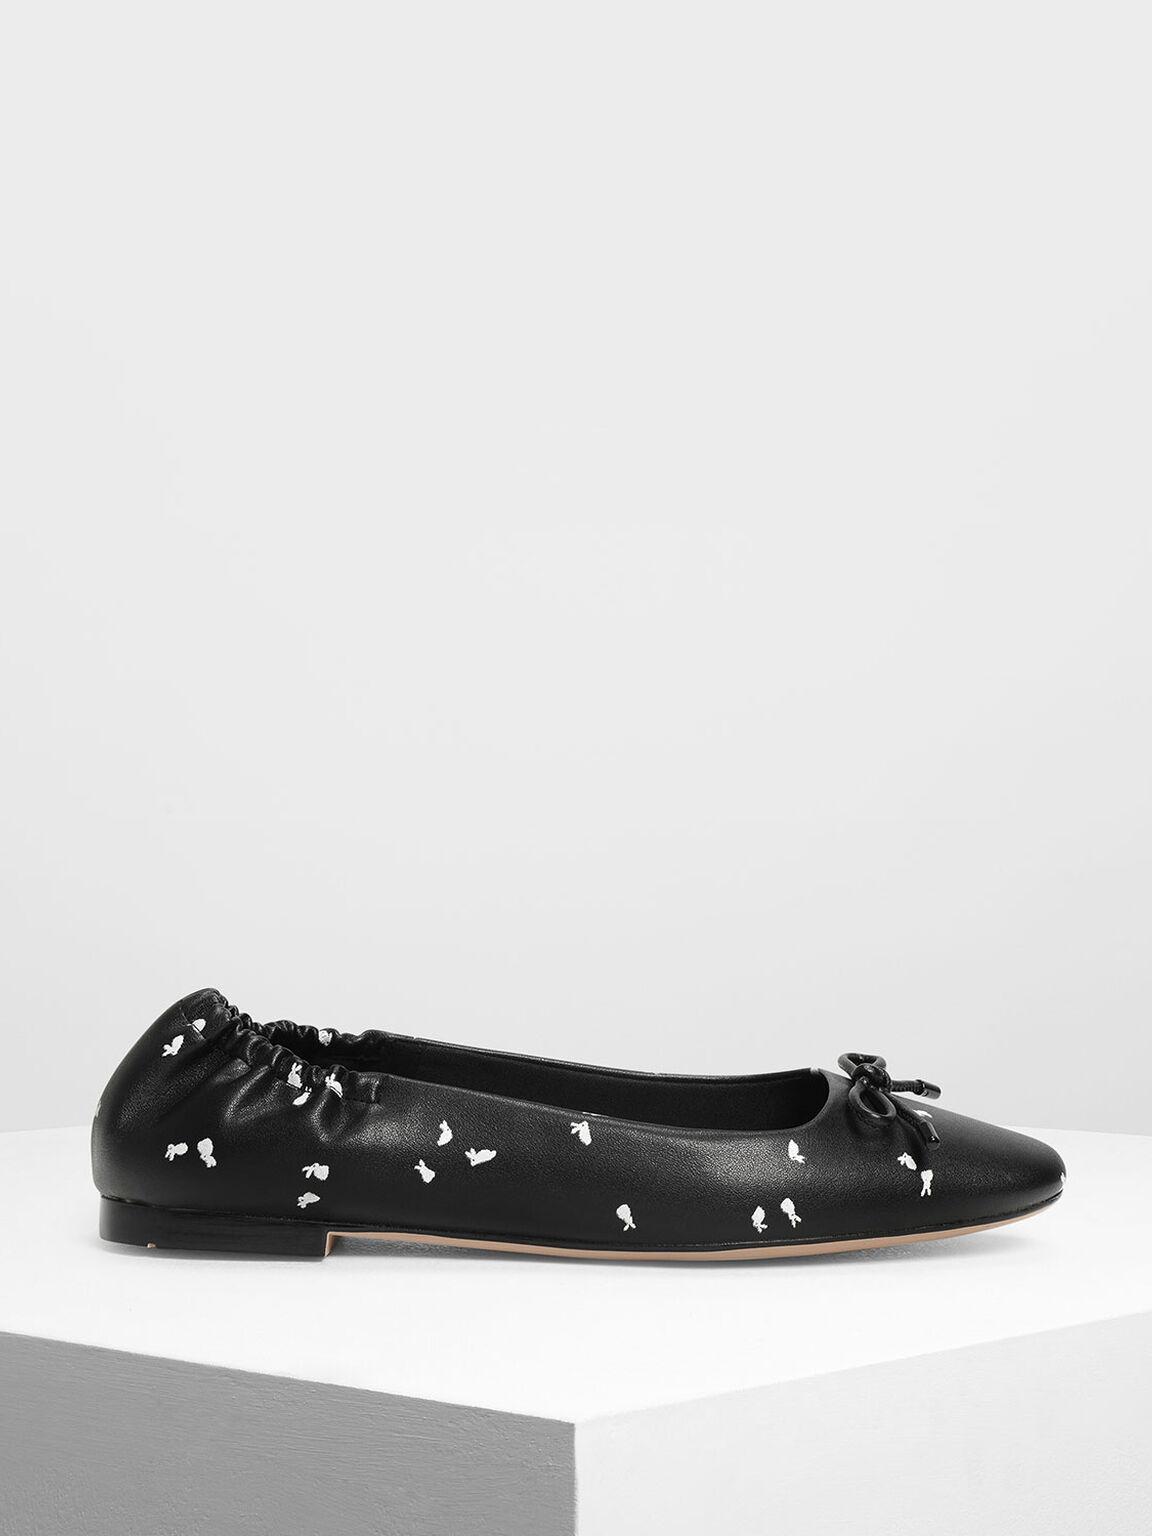 Bow Ballerina Flats, Black Textured, hi-res